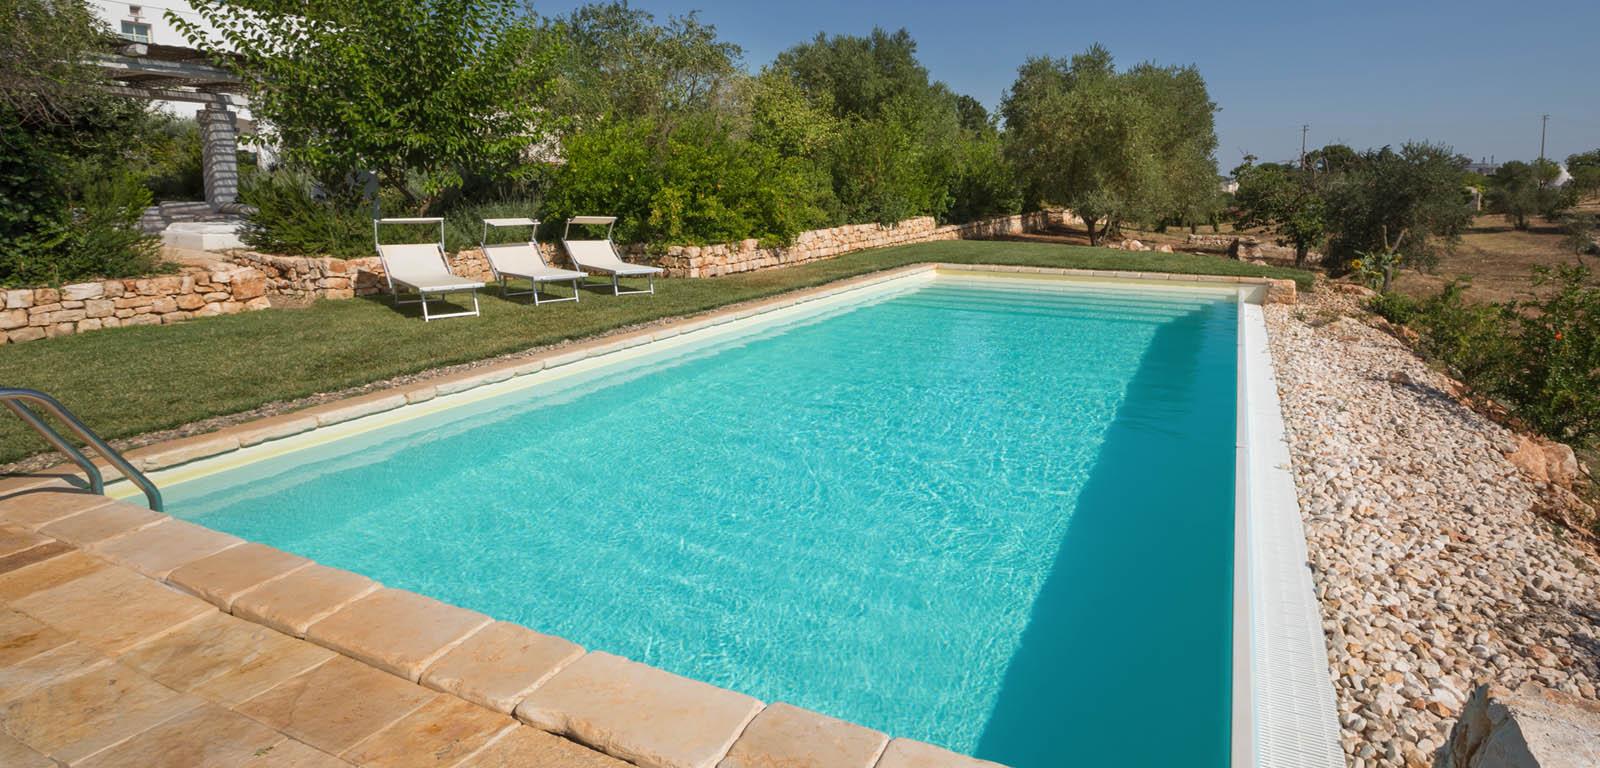 Piscine in giardino piscine castiglione for Castiglione piscine